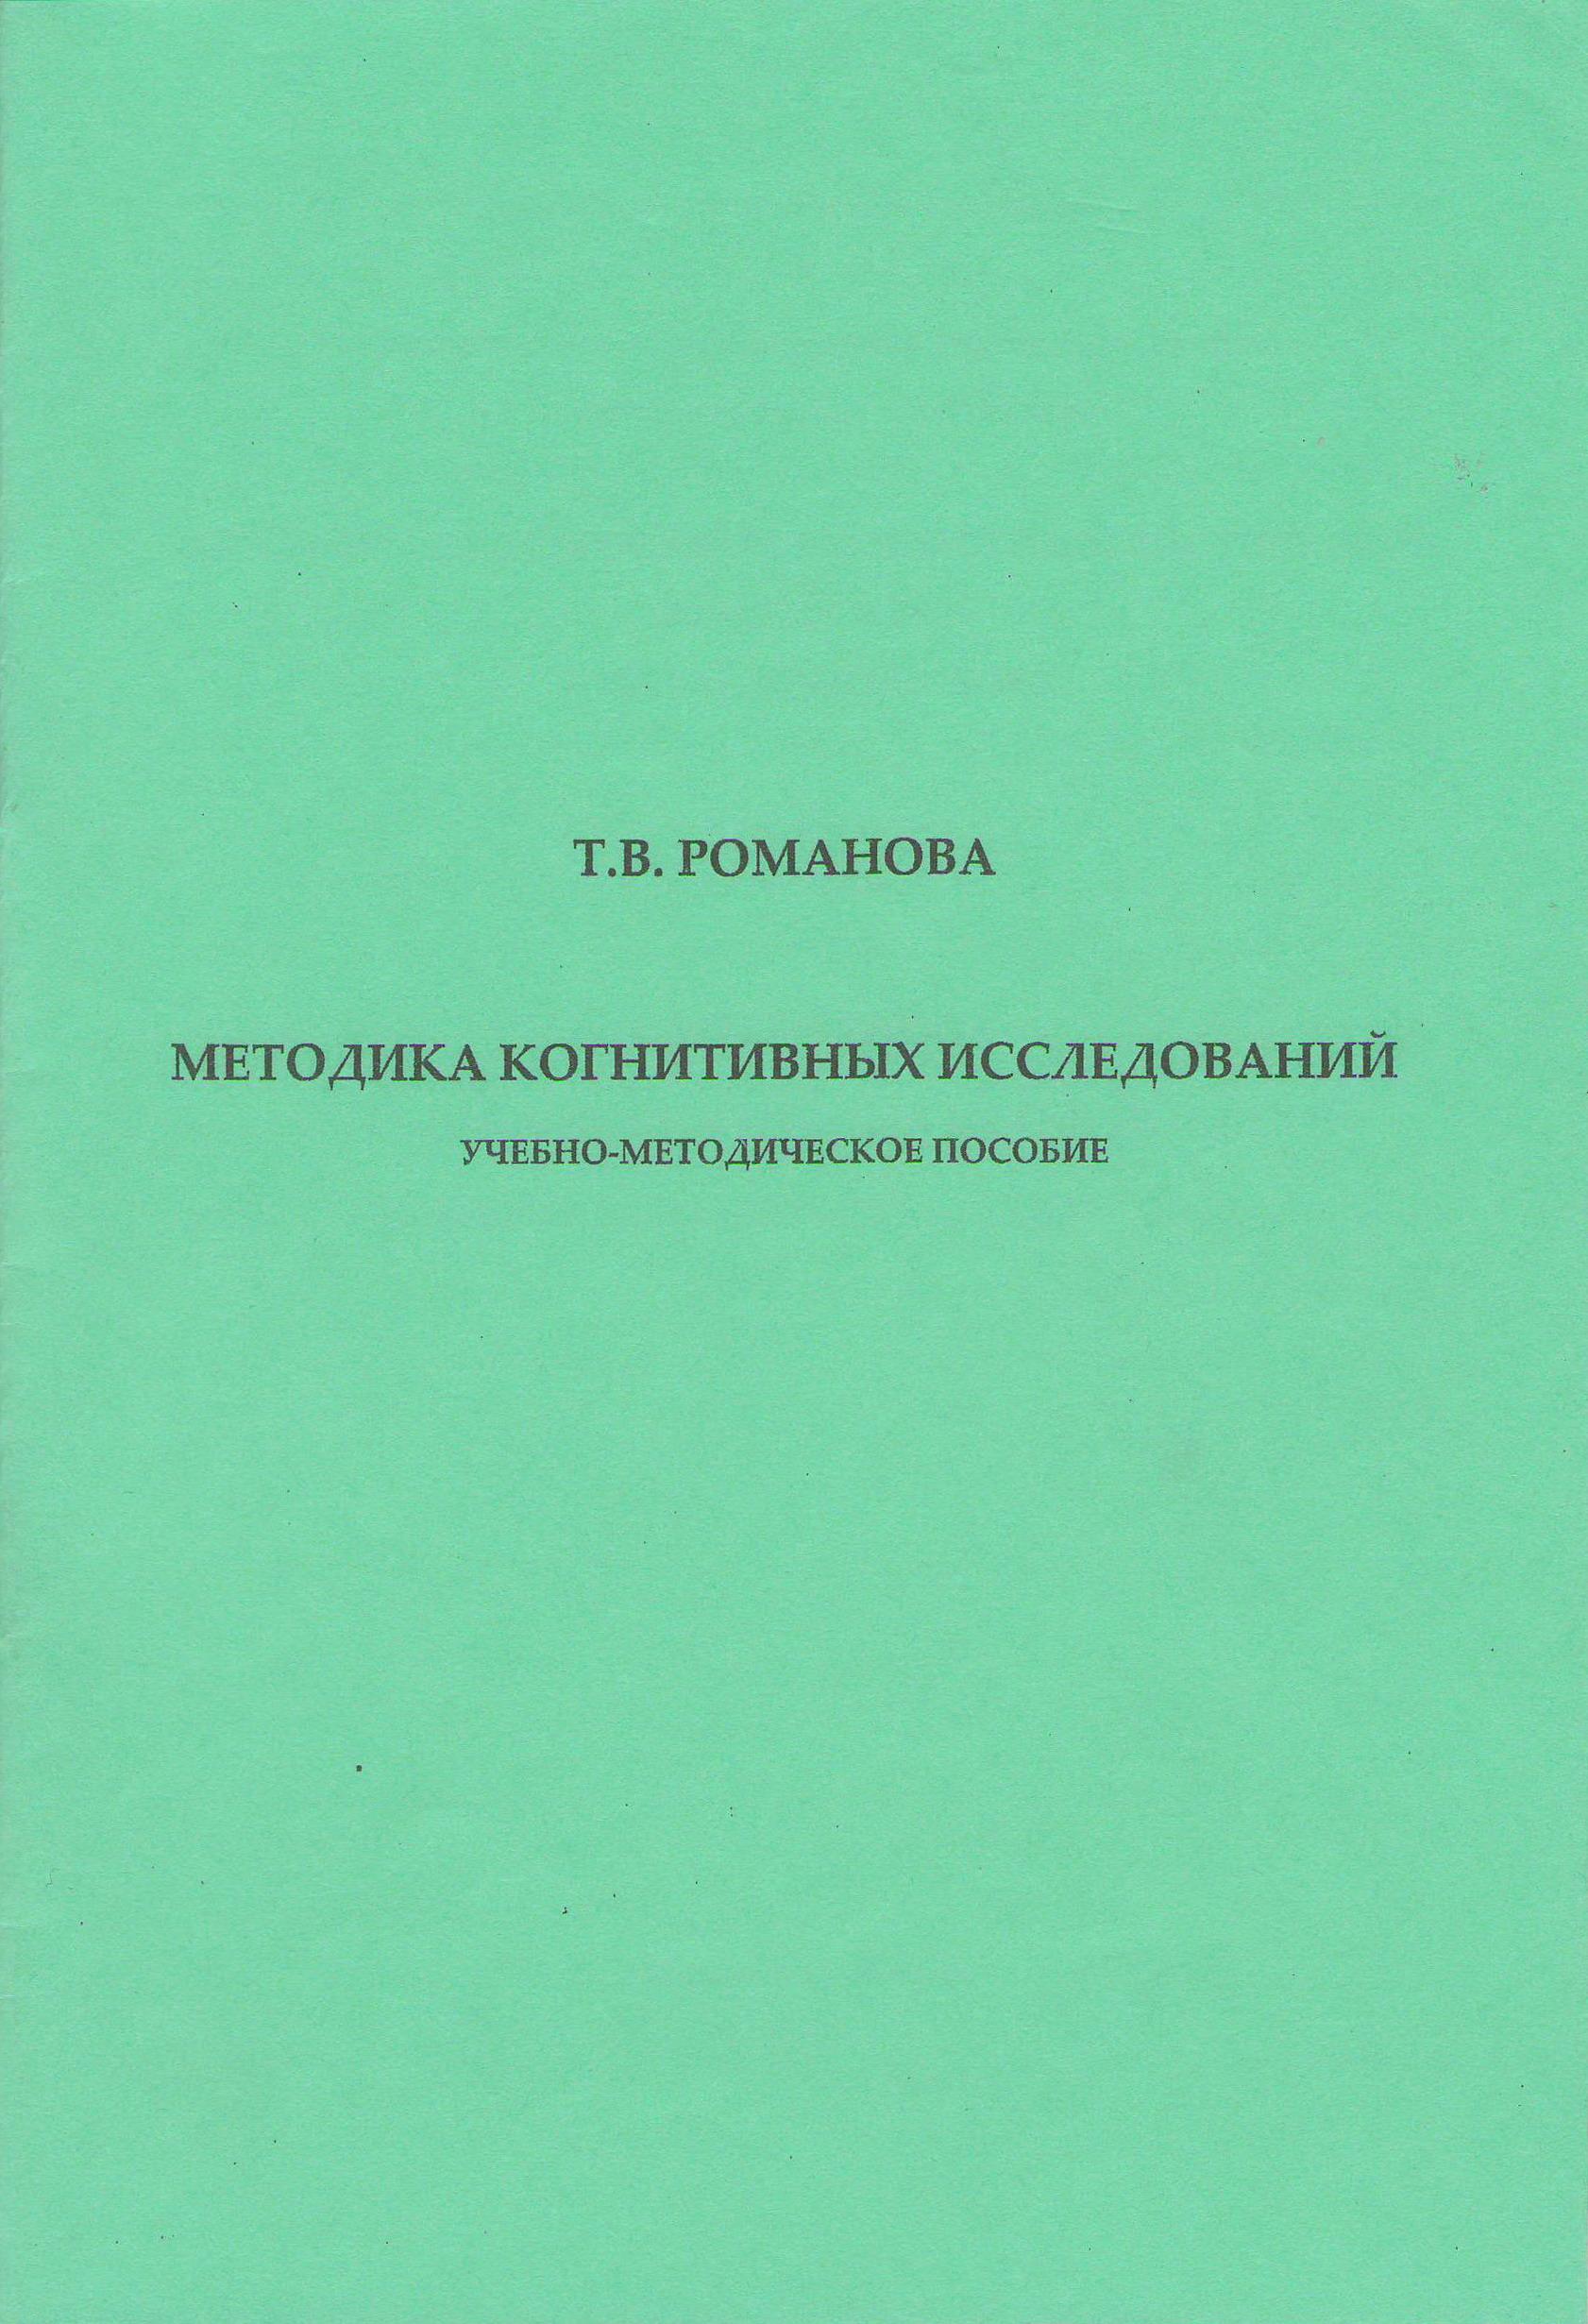 Методика когнитивных исследований. Учебно-методическое пособие